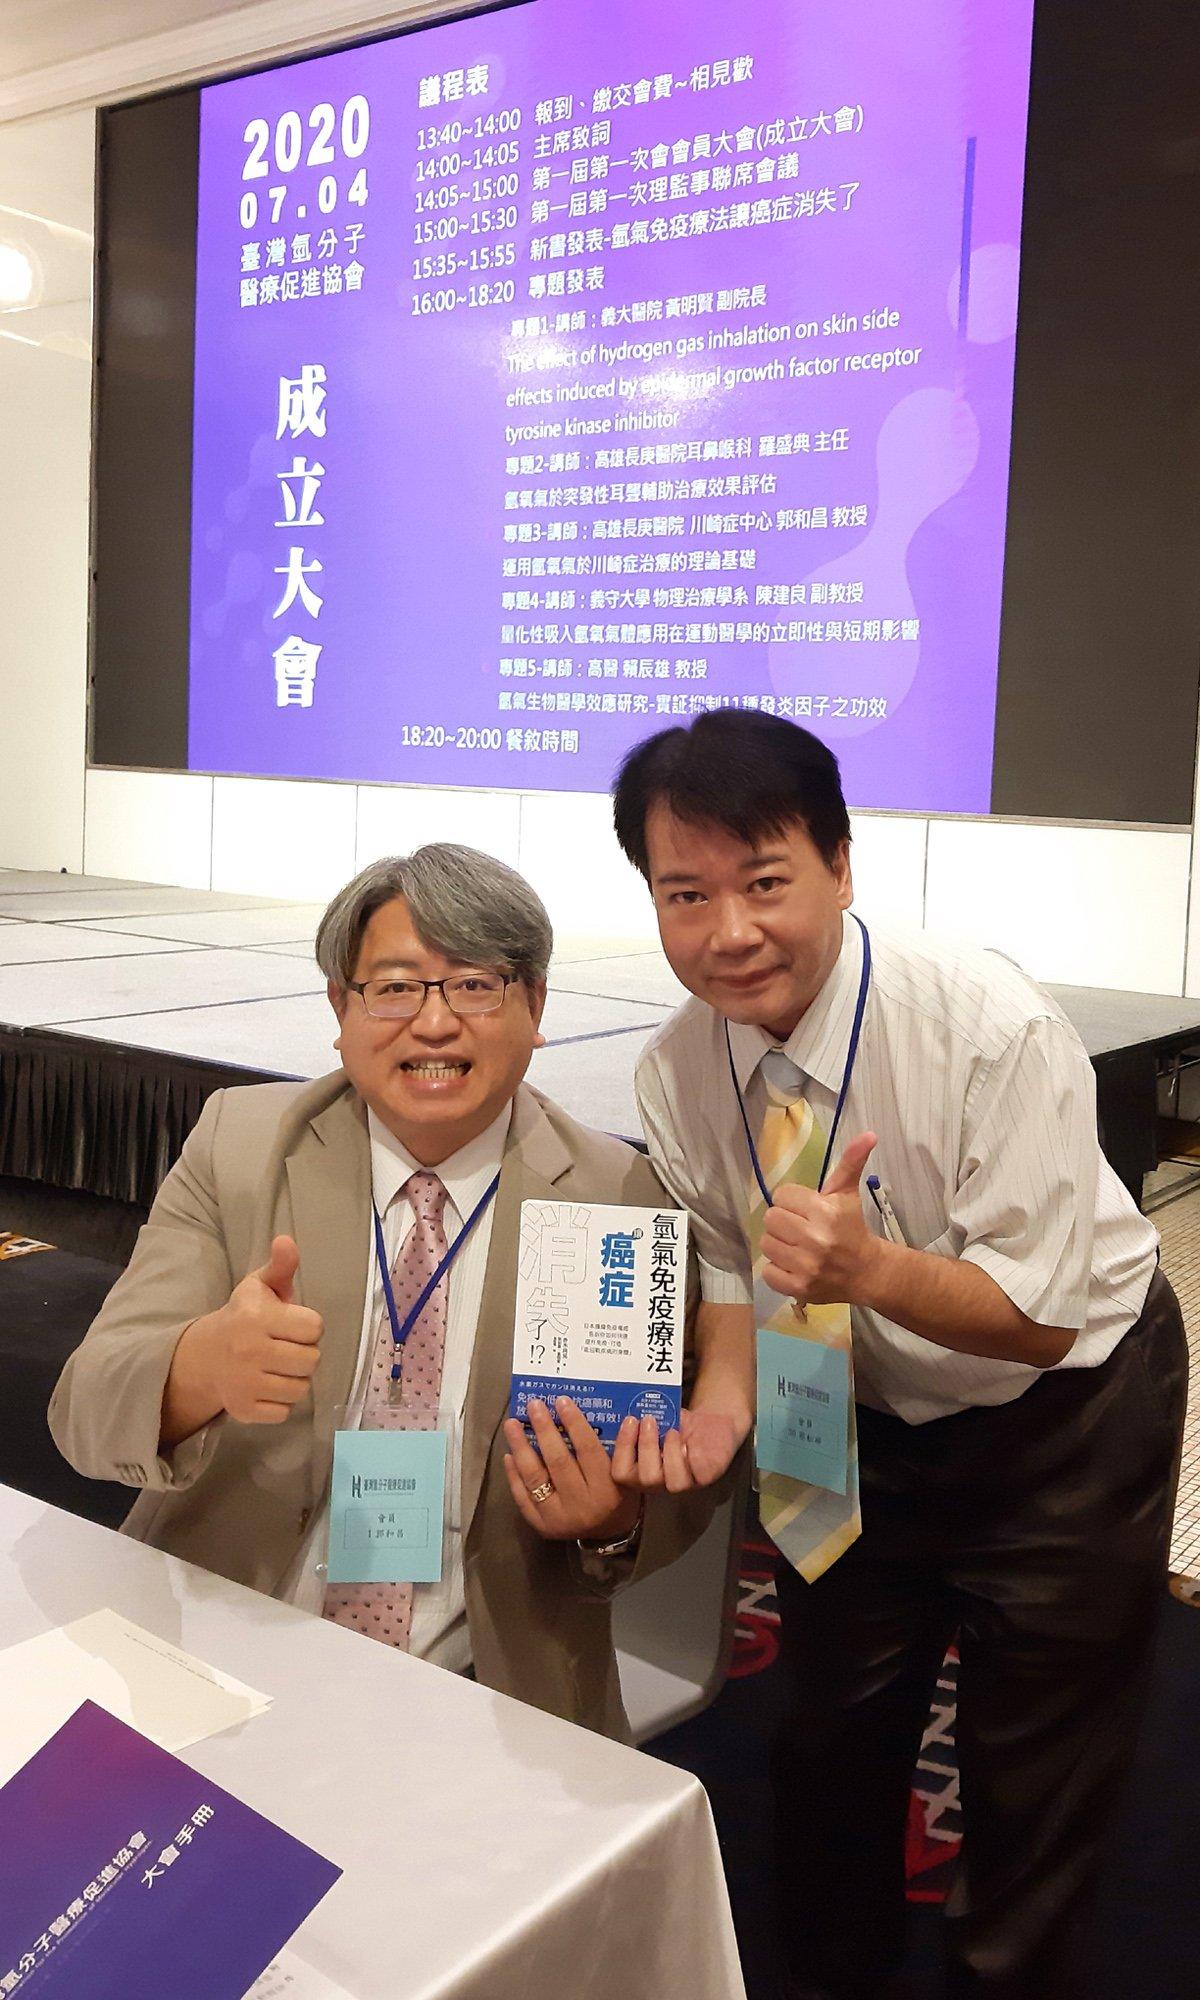 臺灣氫分子醫療促進協會-60 氫活科技蔡松樺總經理與郭和昌理事長合照